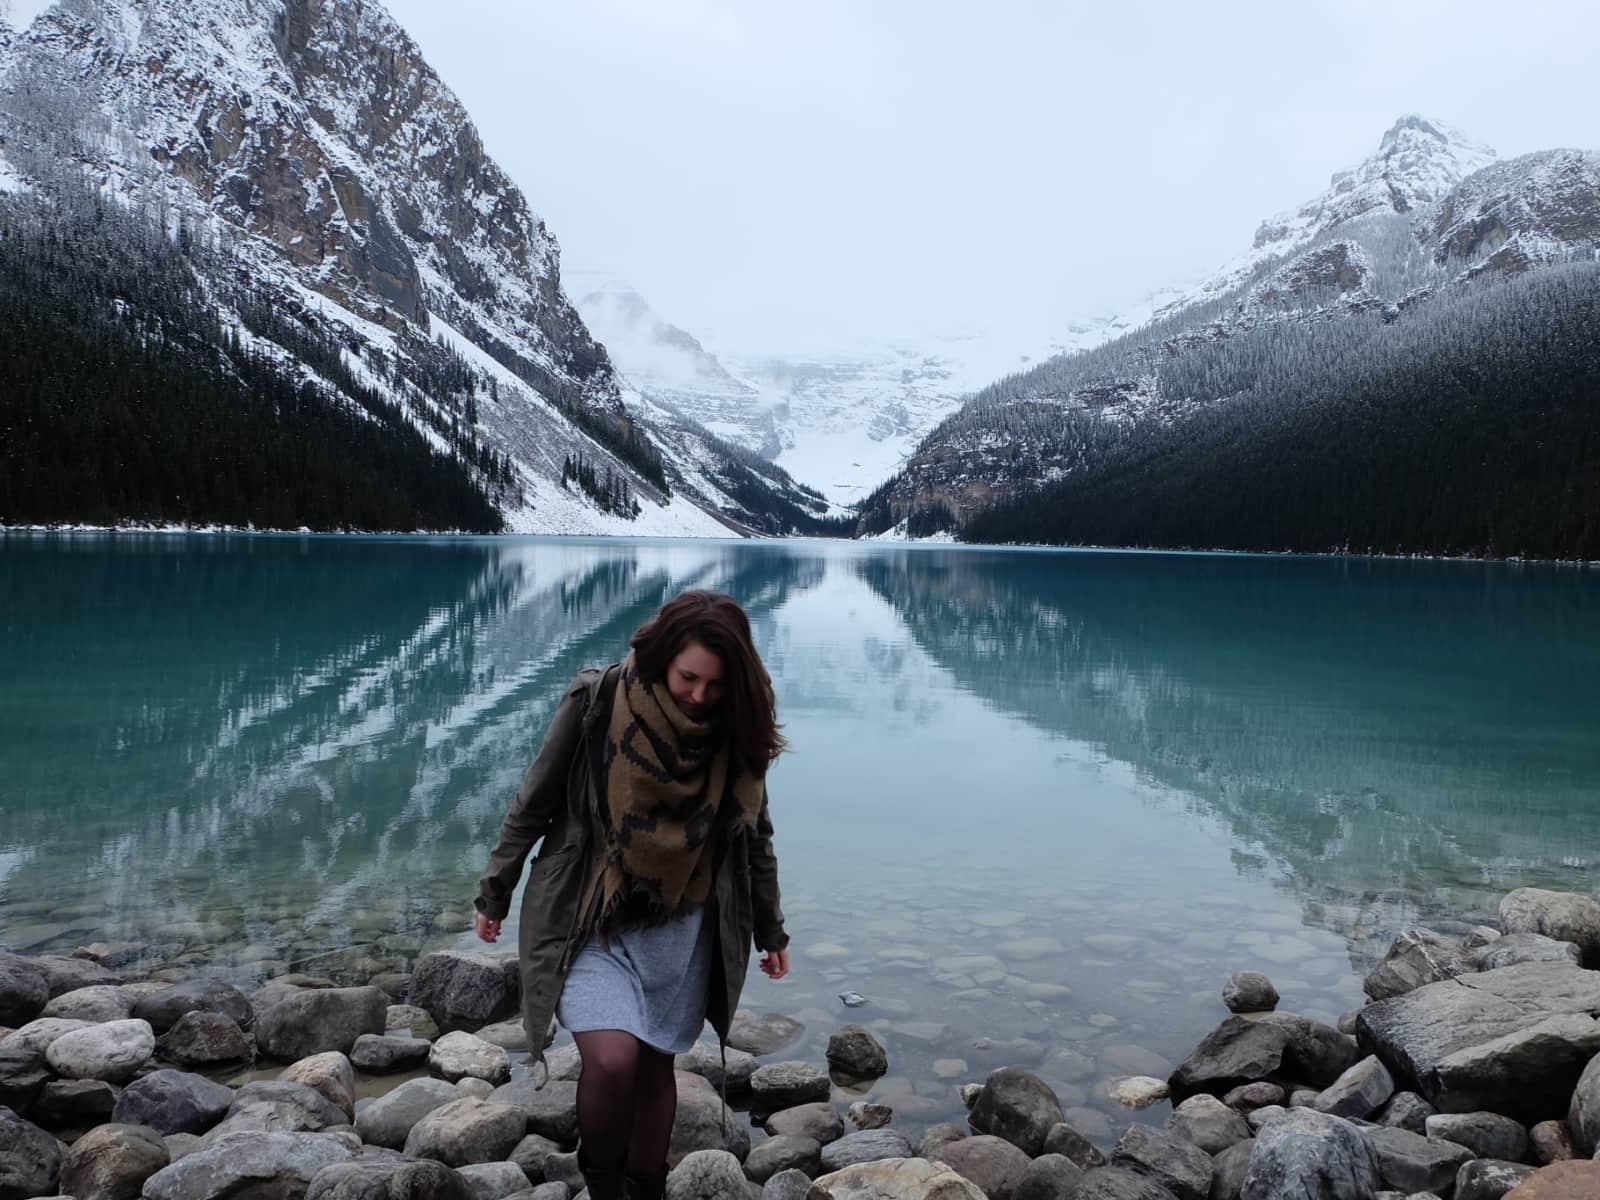 Robyn from Calgary, Alberta, Canada